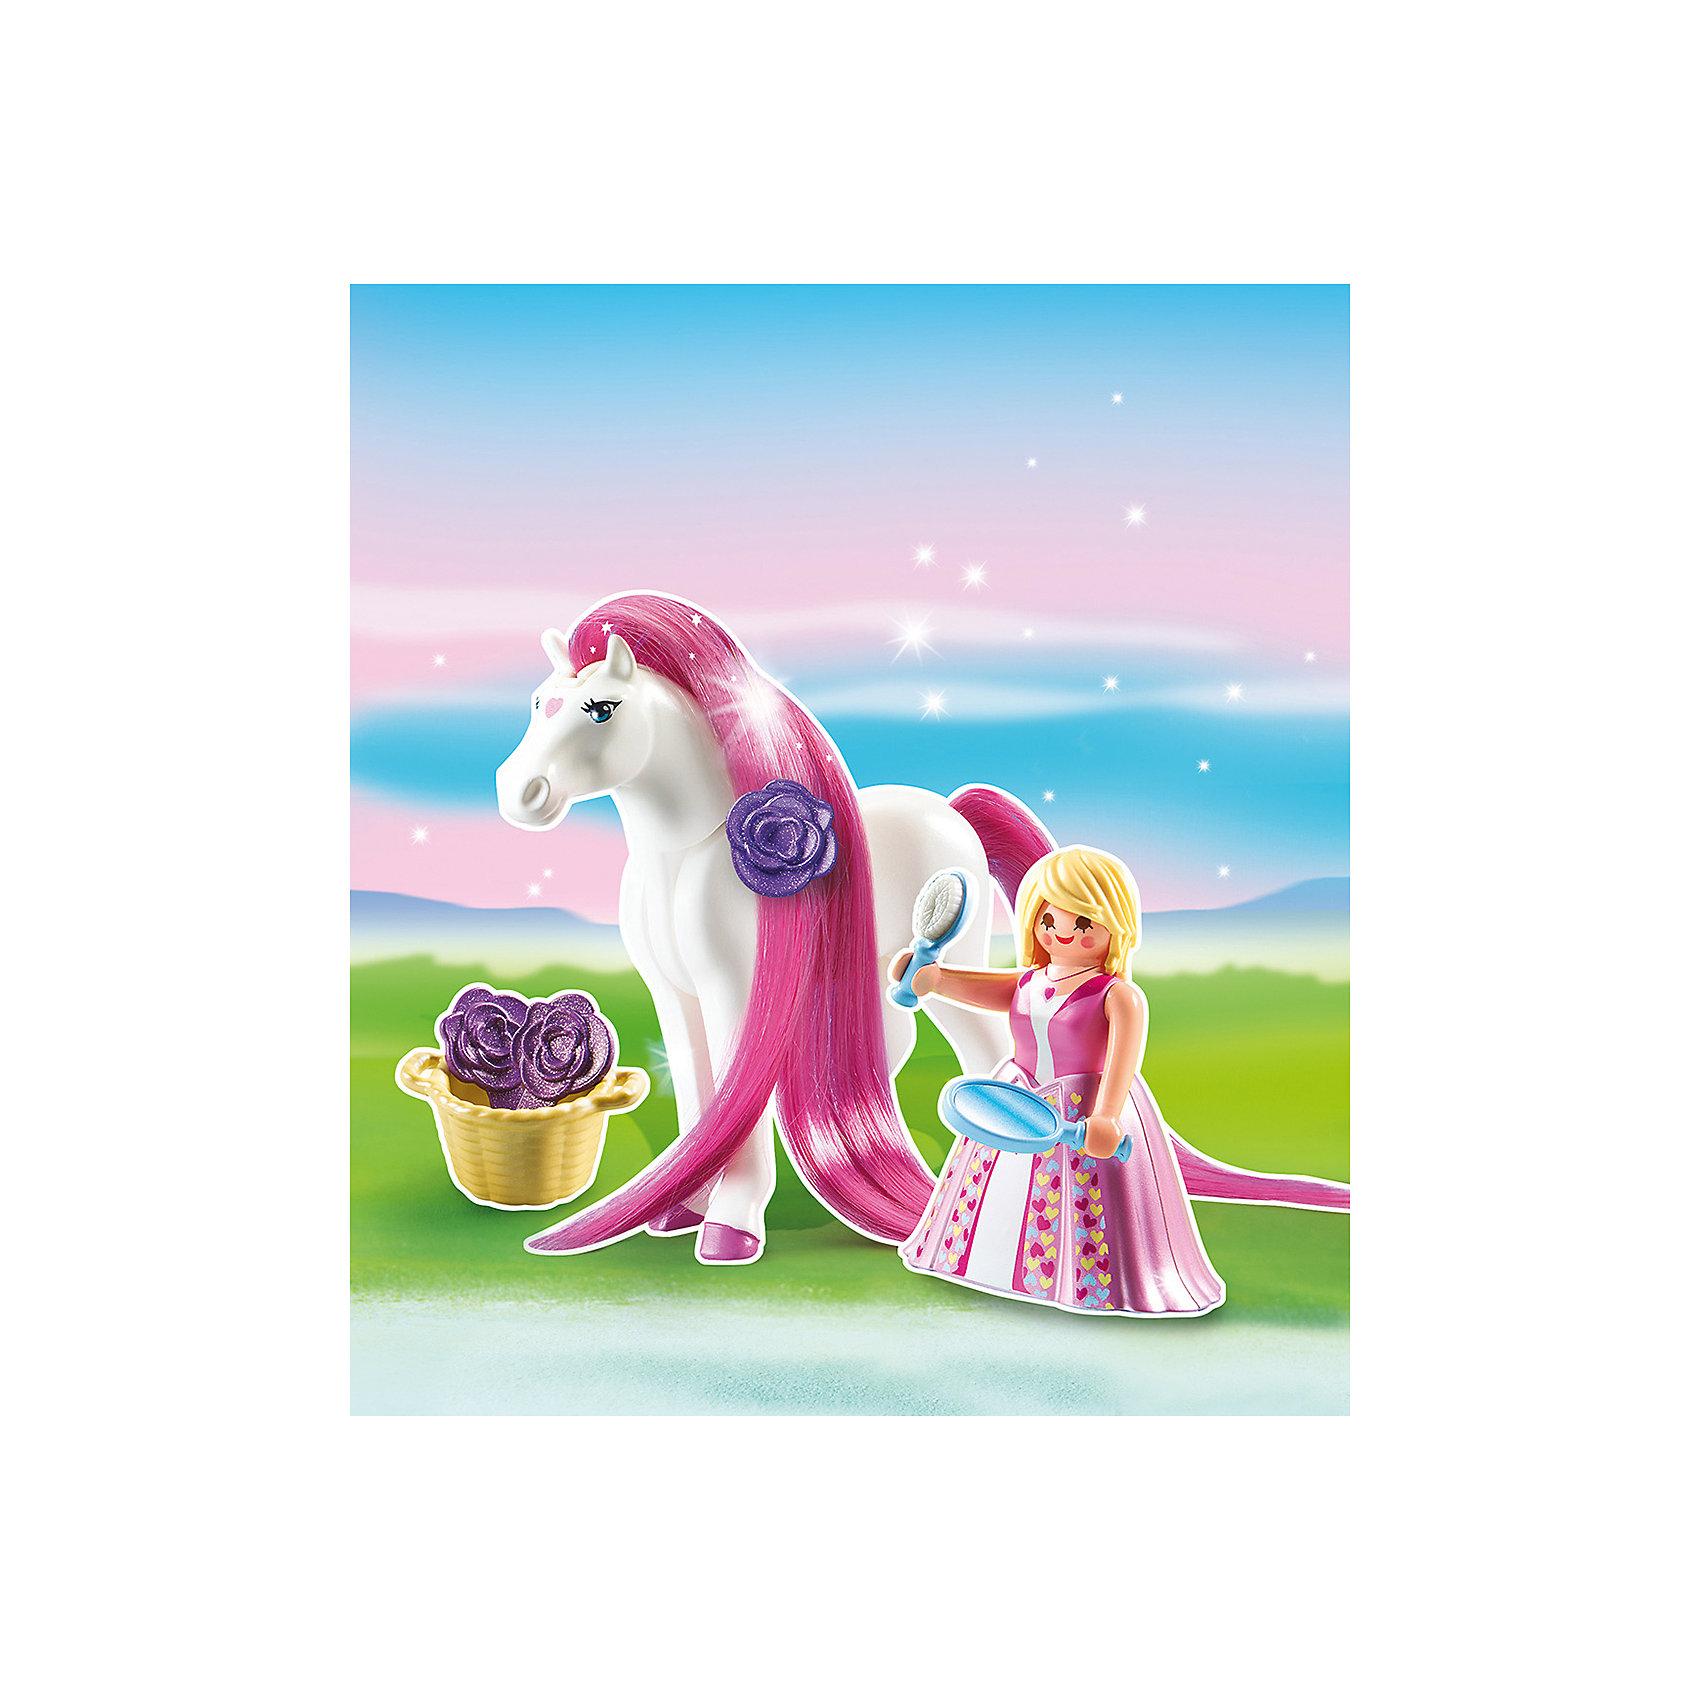 PLAYMOBIL® Принцессы: Принцесса Розали с Лошадкой, PLAYMOBIL playmobil® playmobil 5289 секретный агент мега робот с бластером